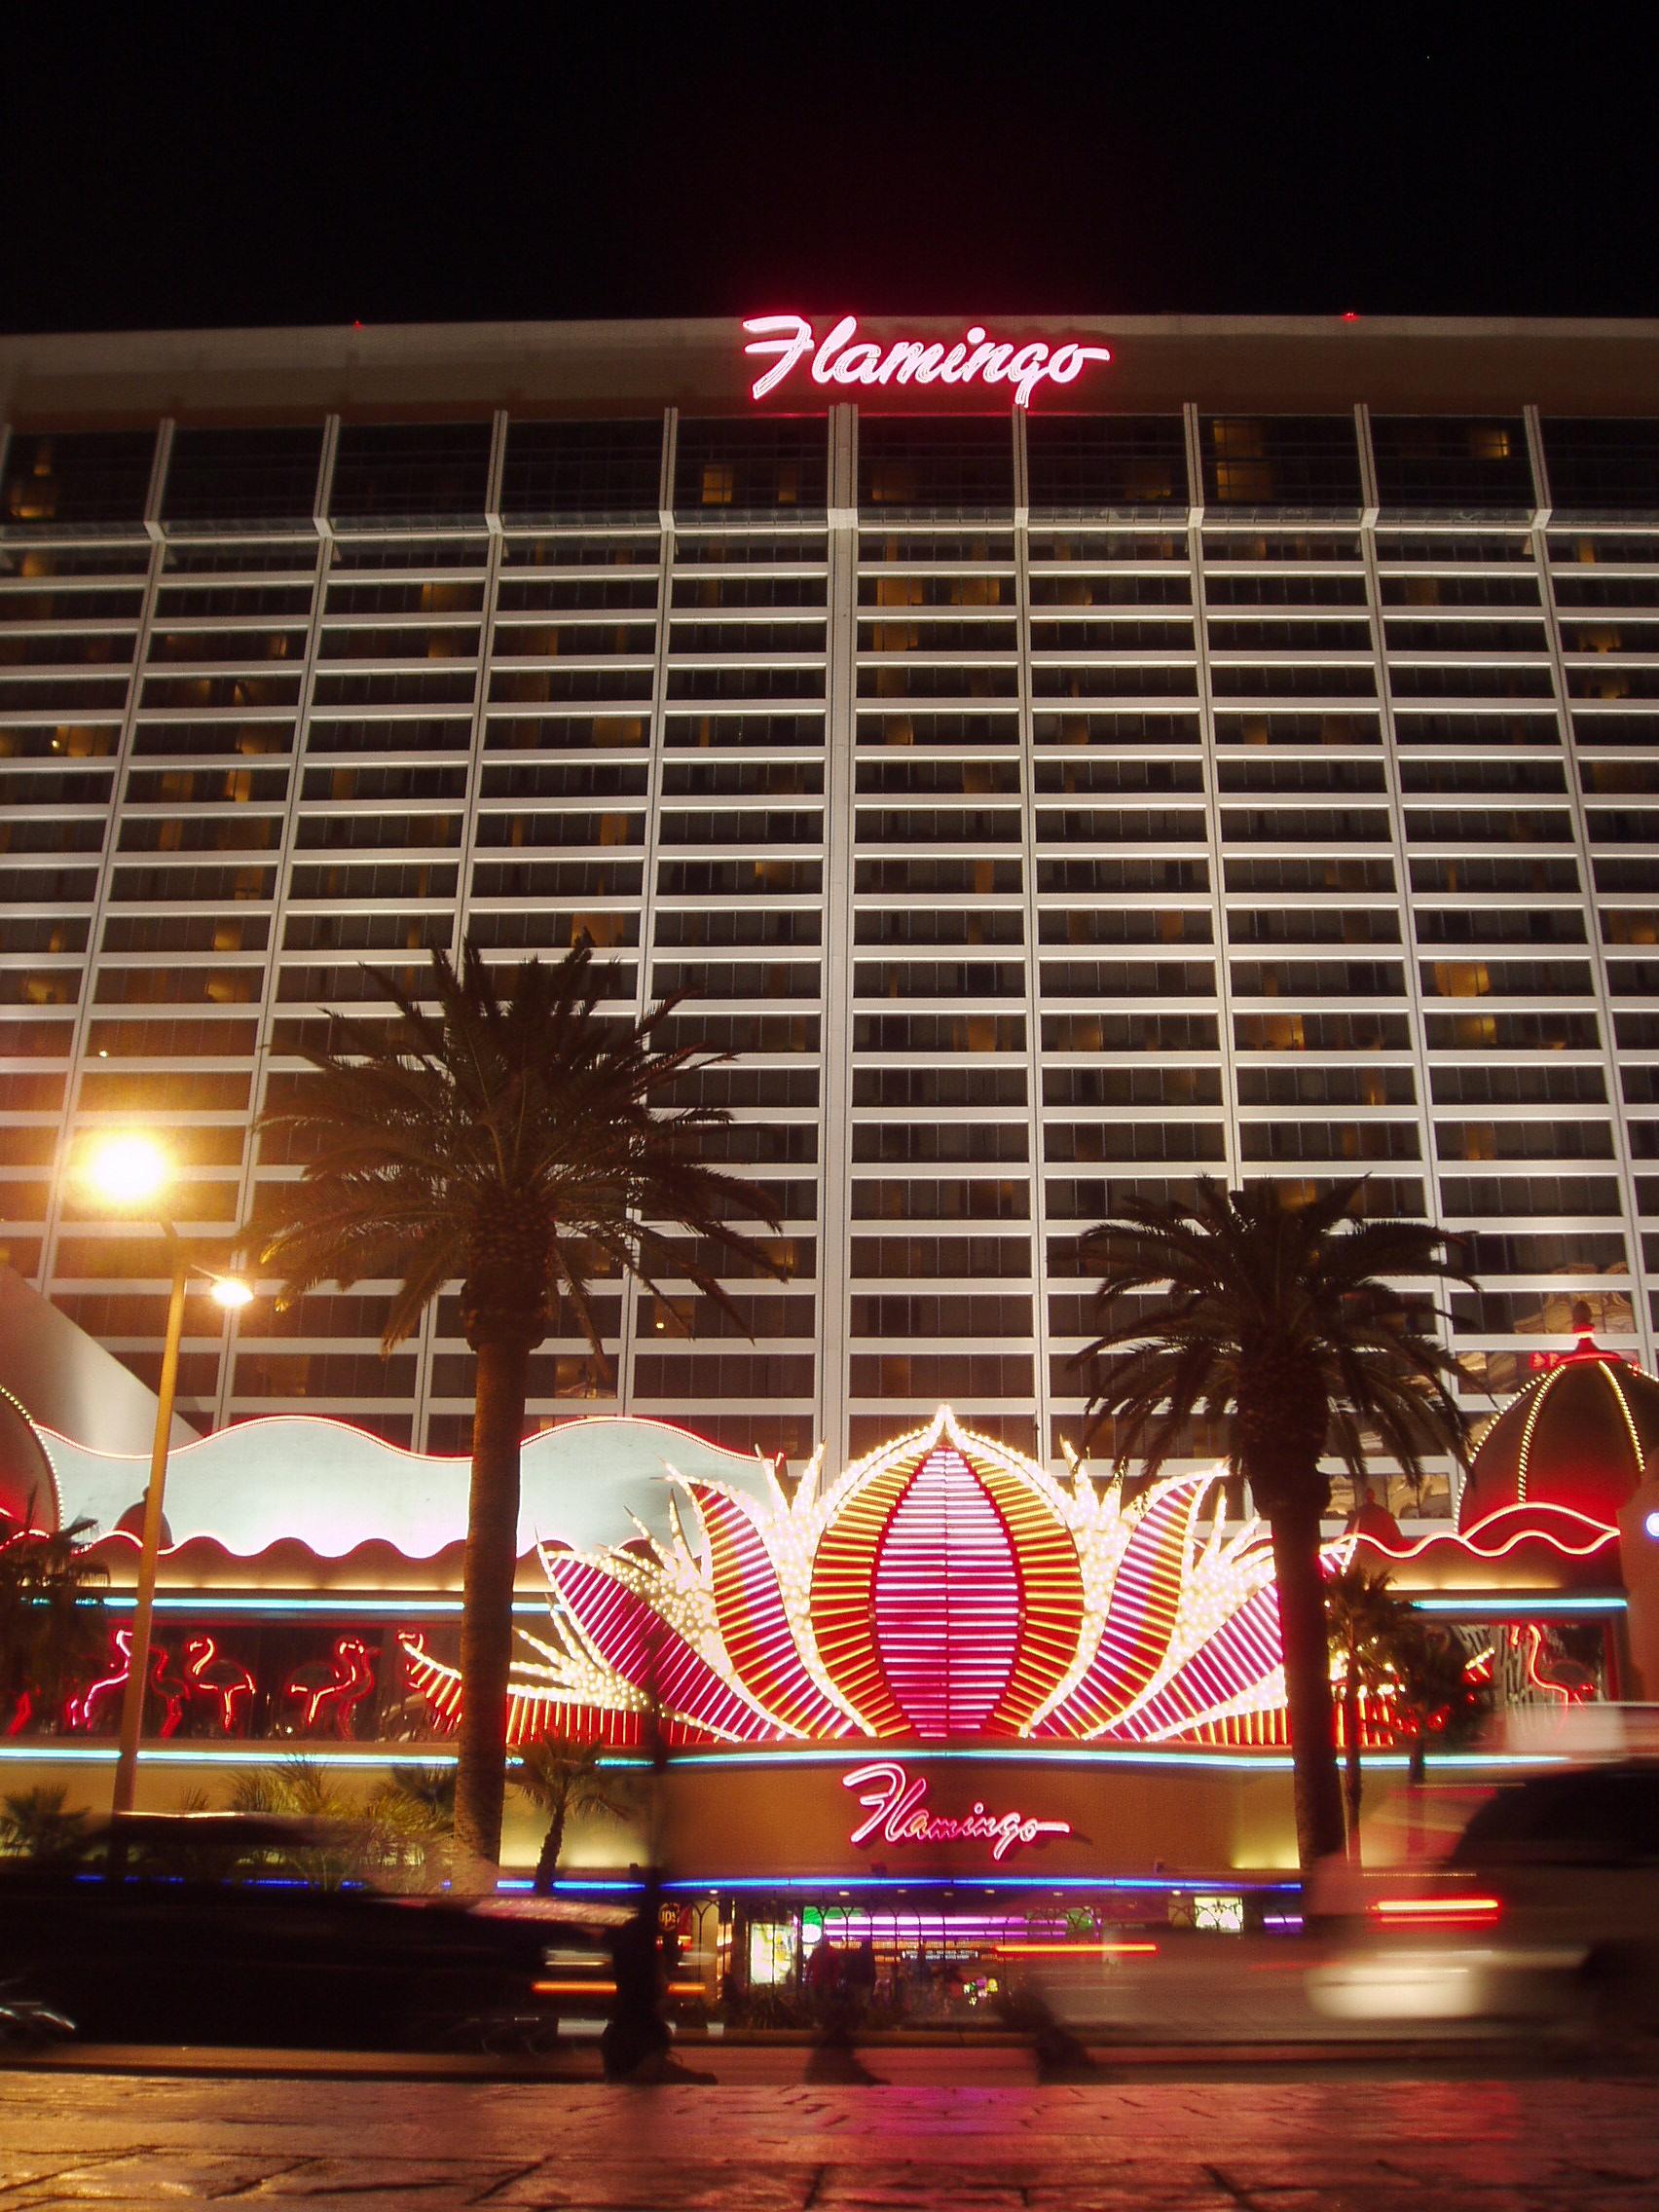 Las Vegas Flamingo